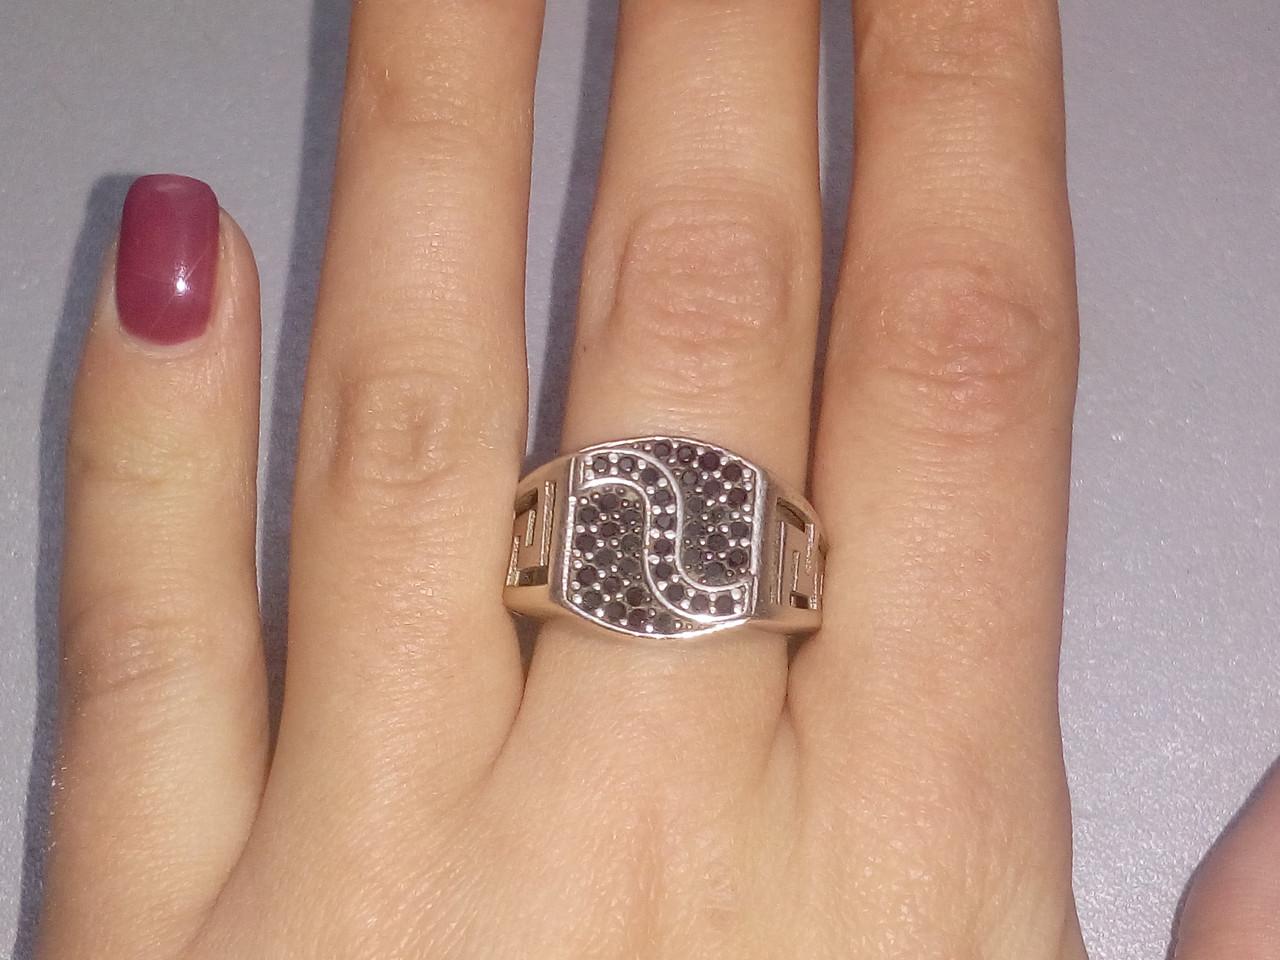 Черный оникс кольцо из серебра 925 пробы, серебряный мужской перстень печатка с ониксом 20.5-21 размер